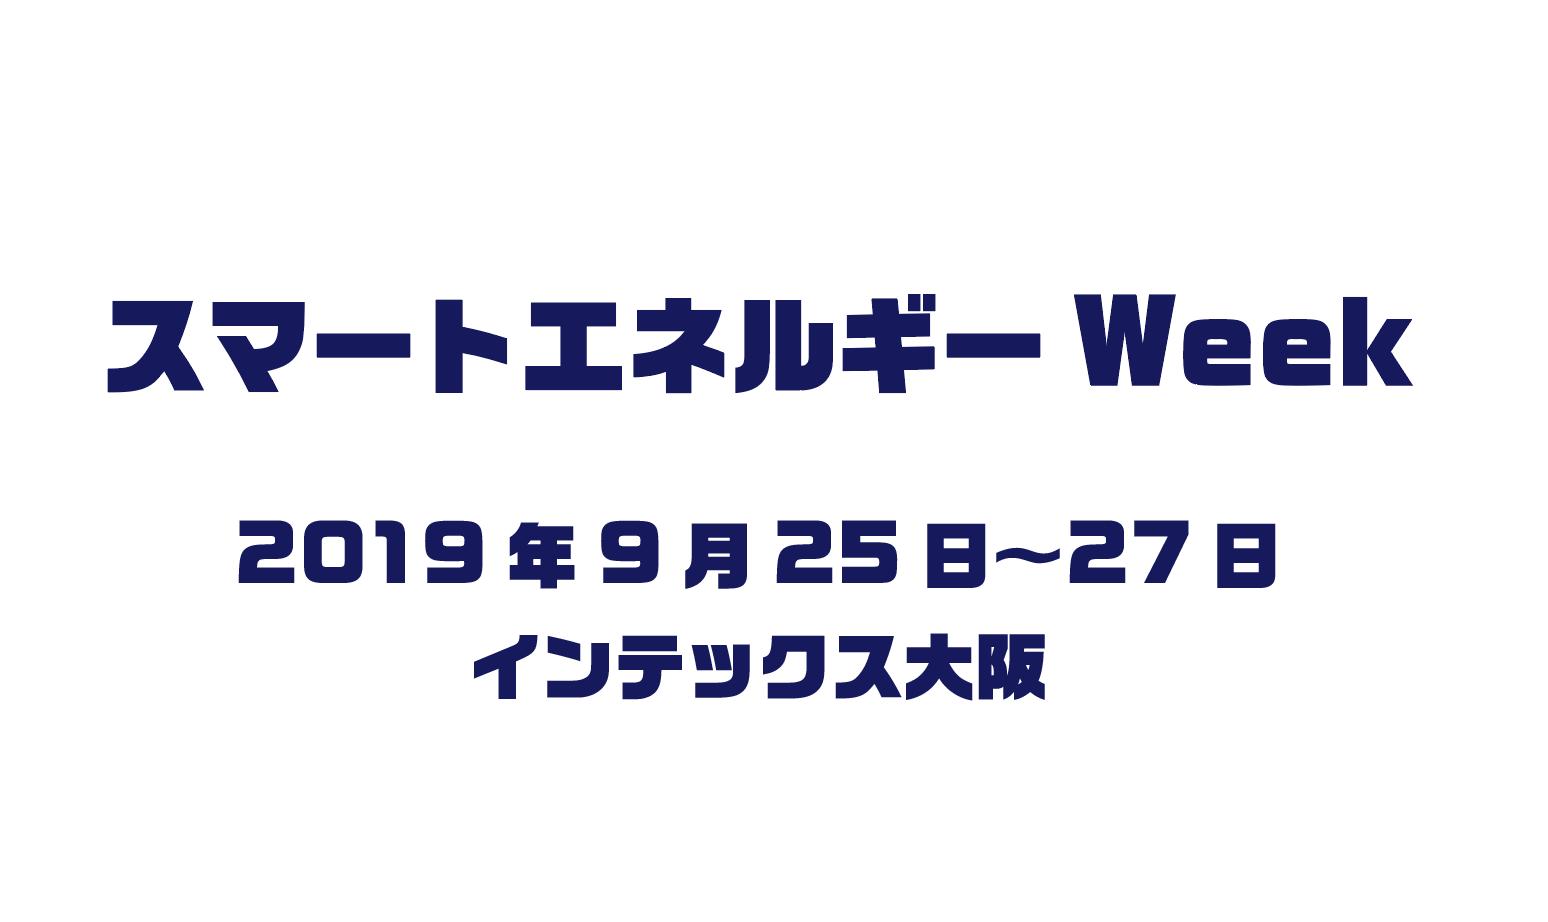 『スマートエネルギーWeek』 2019年9月25日(水)〜27日(金)までインテックス大阪で開催の画像